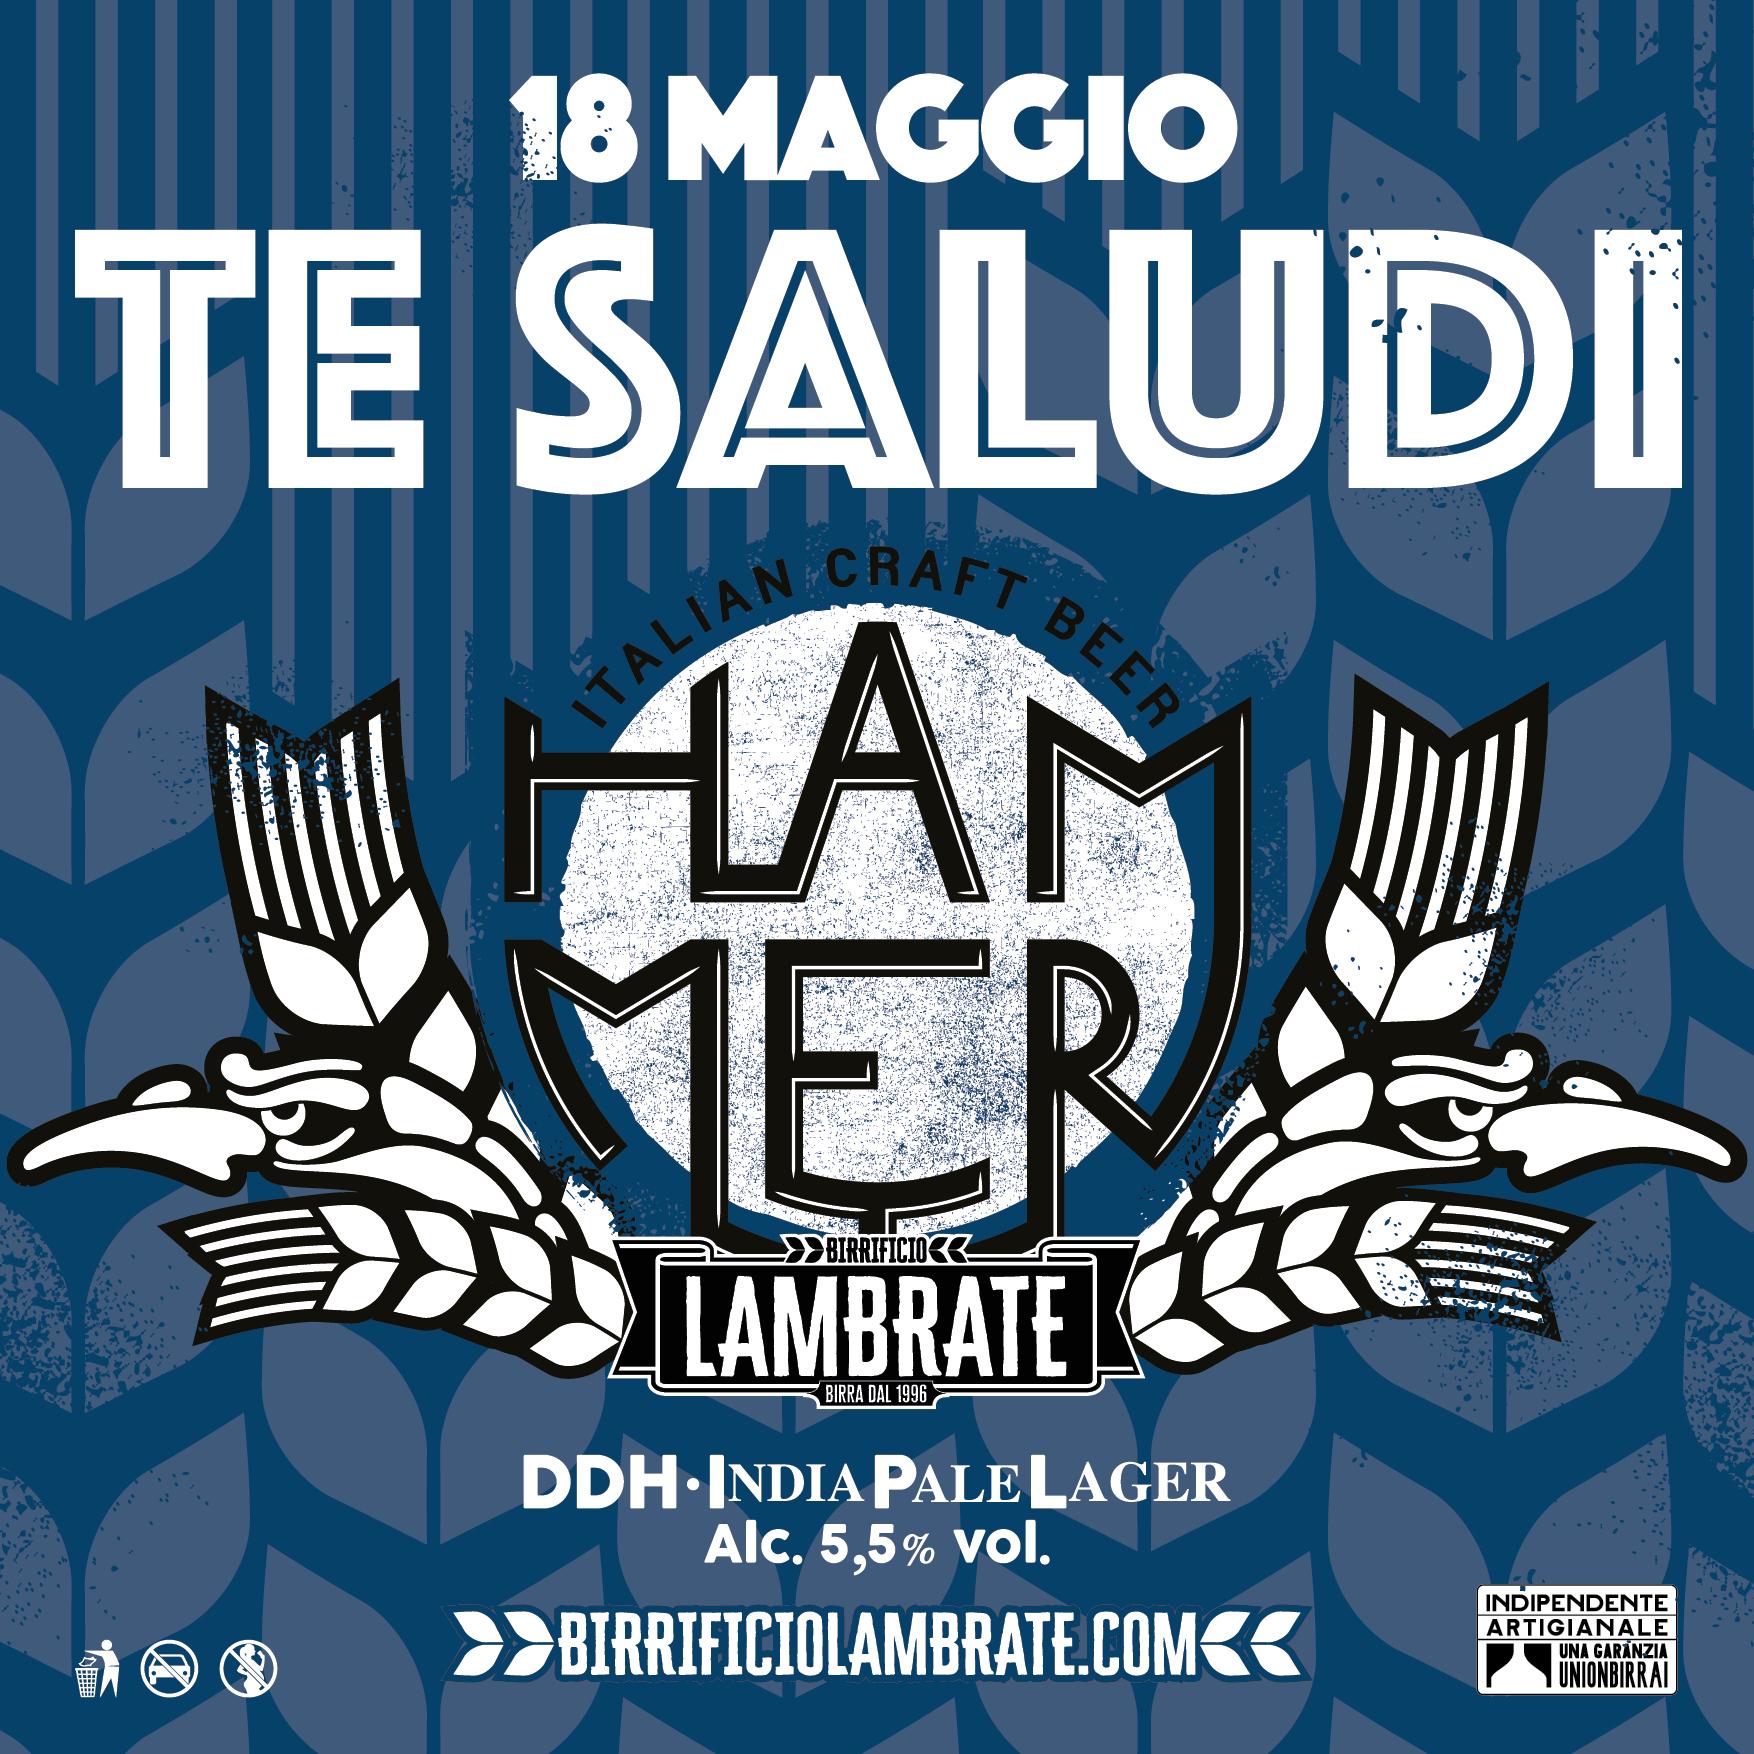 6 - TE SALUDI -hammer